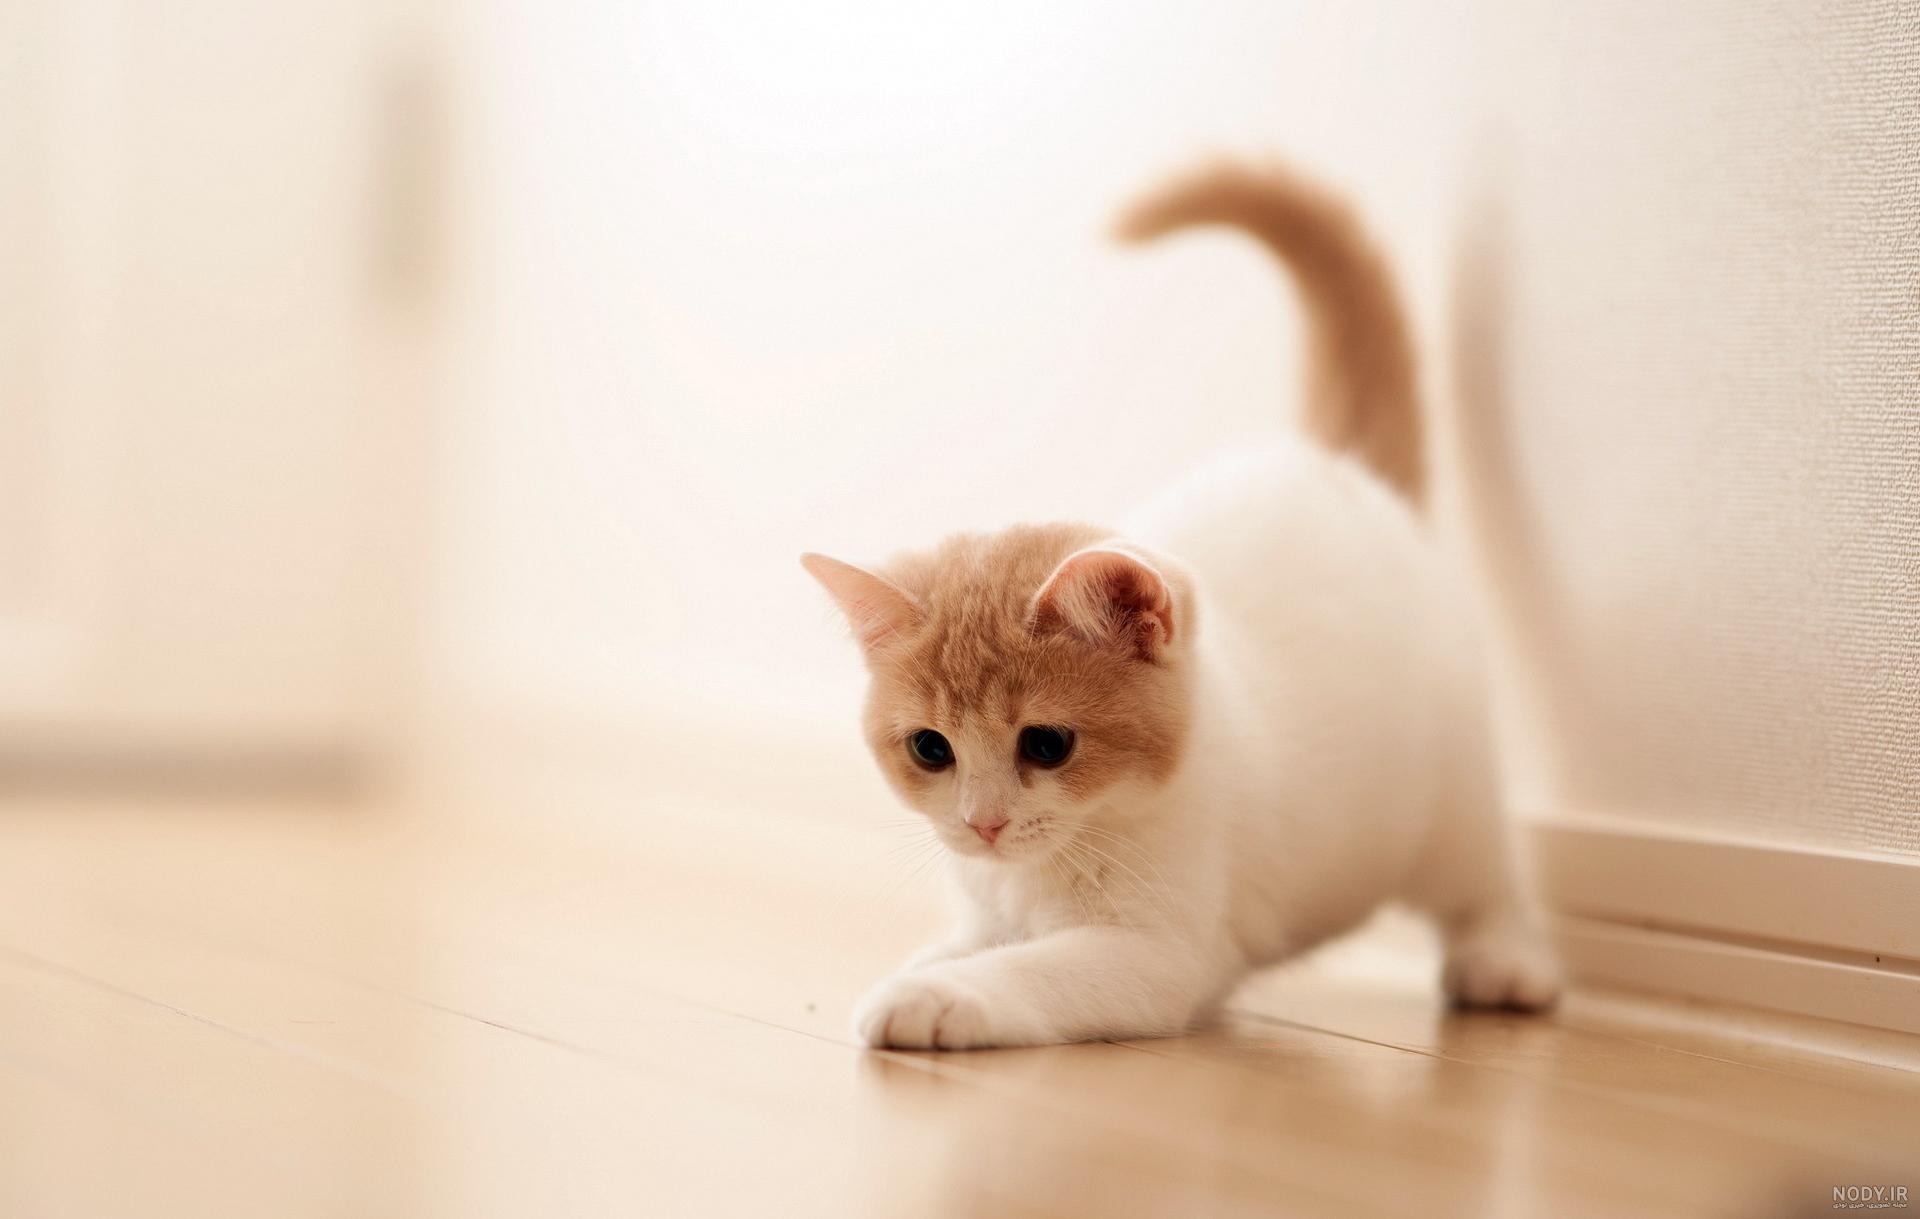 عکس صفحه گوشی گربه